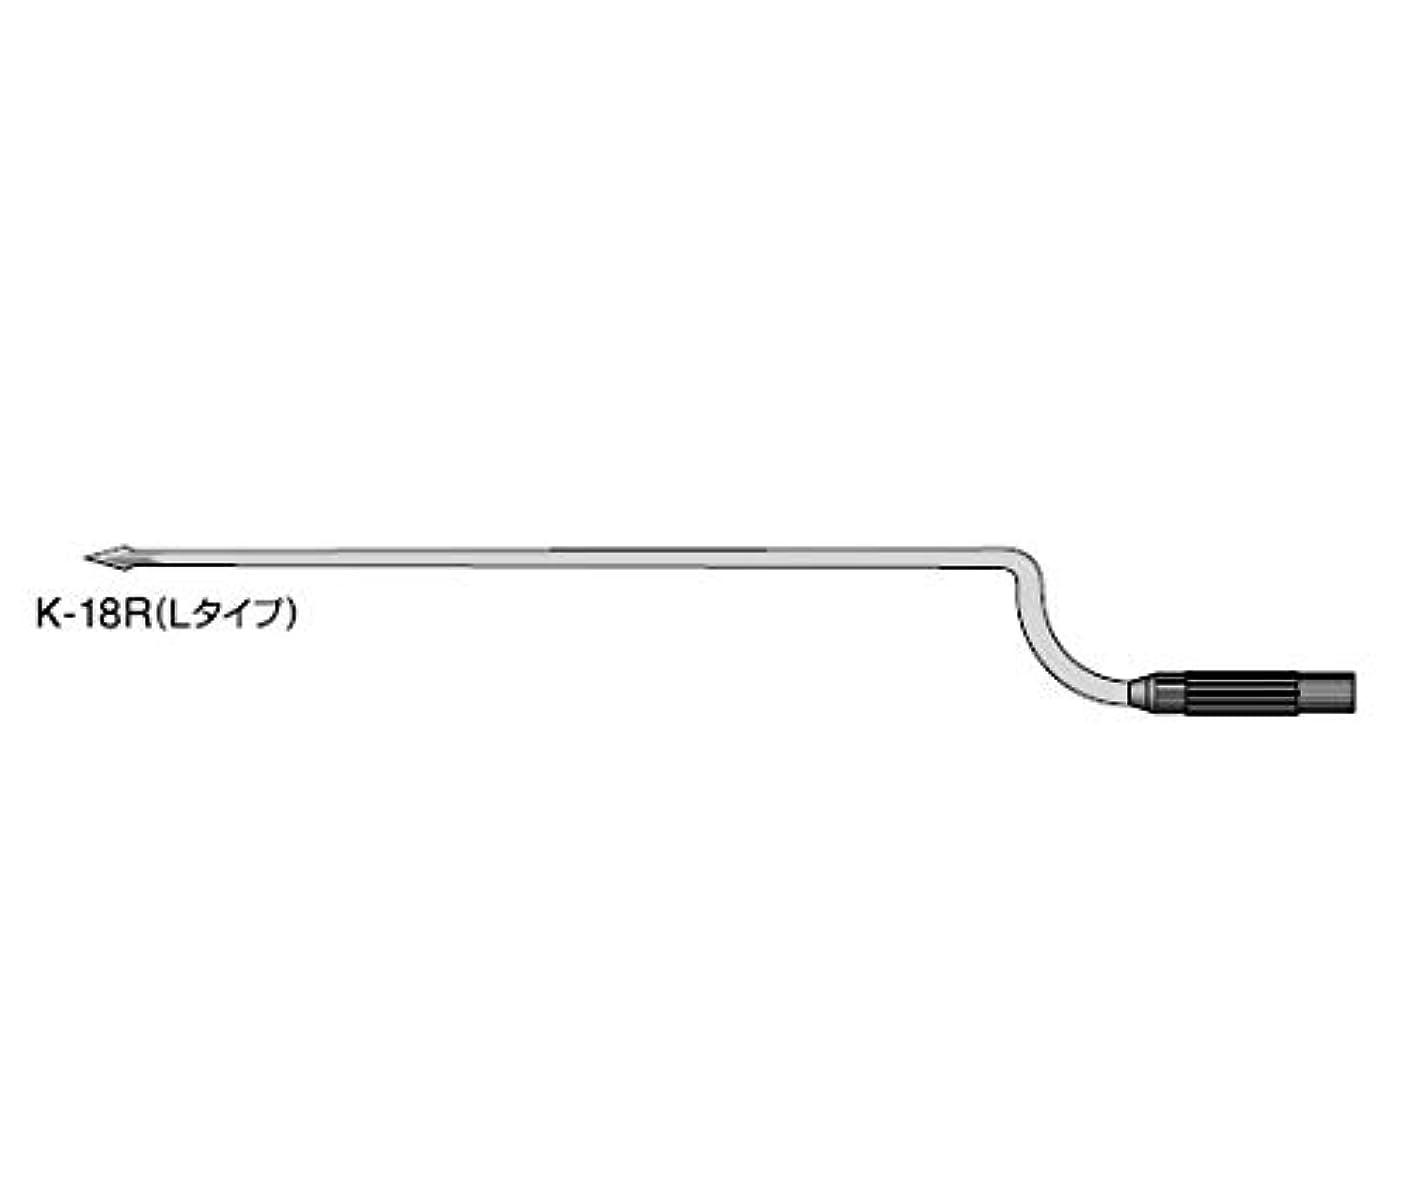 間違えたアクティビティ回答鼓膜切開刀 替刃[フェザー] Lタイプ 5本入 K-18R